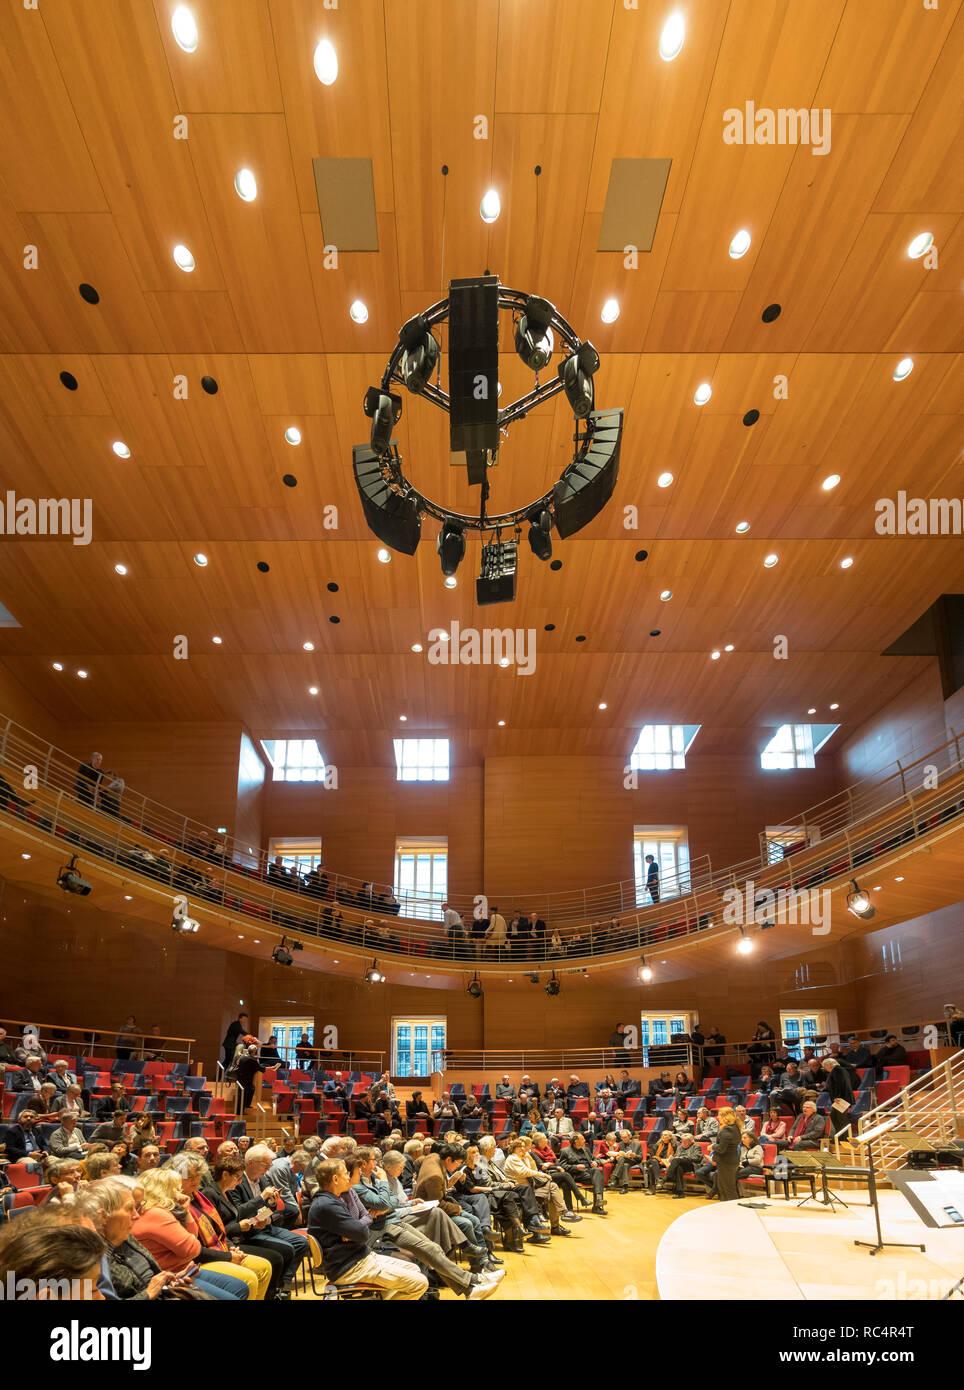 Pierre Boulez Saal dans l Barenboim a dit l'Académie Berlin. Conçu par Gehry. Photo Stock